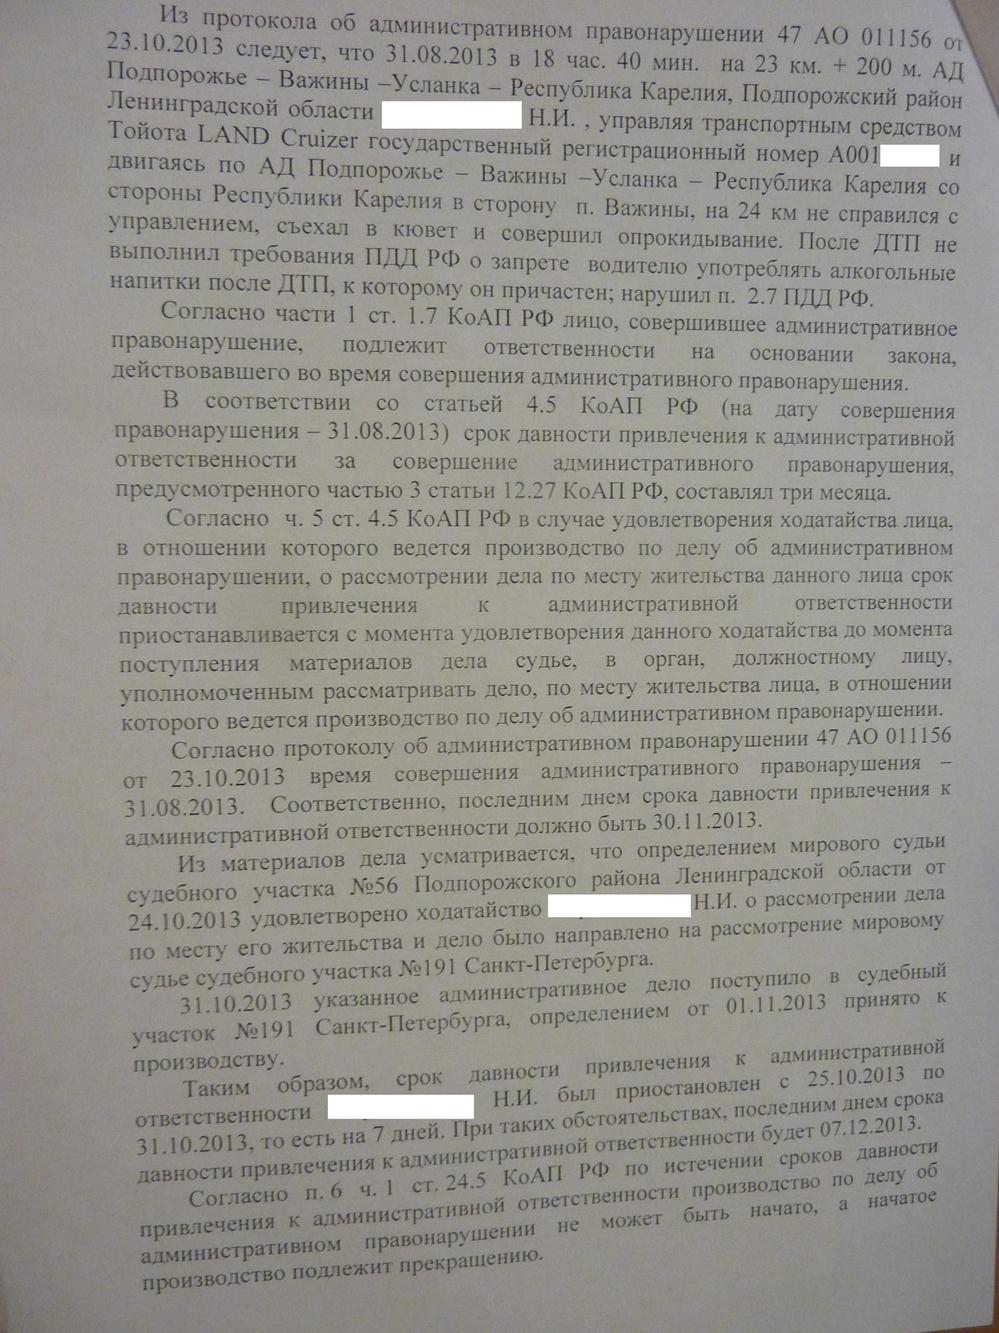 ч 3 ст 286 КоАП РФ  basegarantru